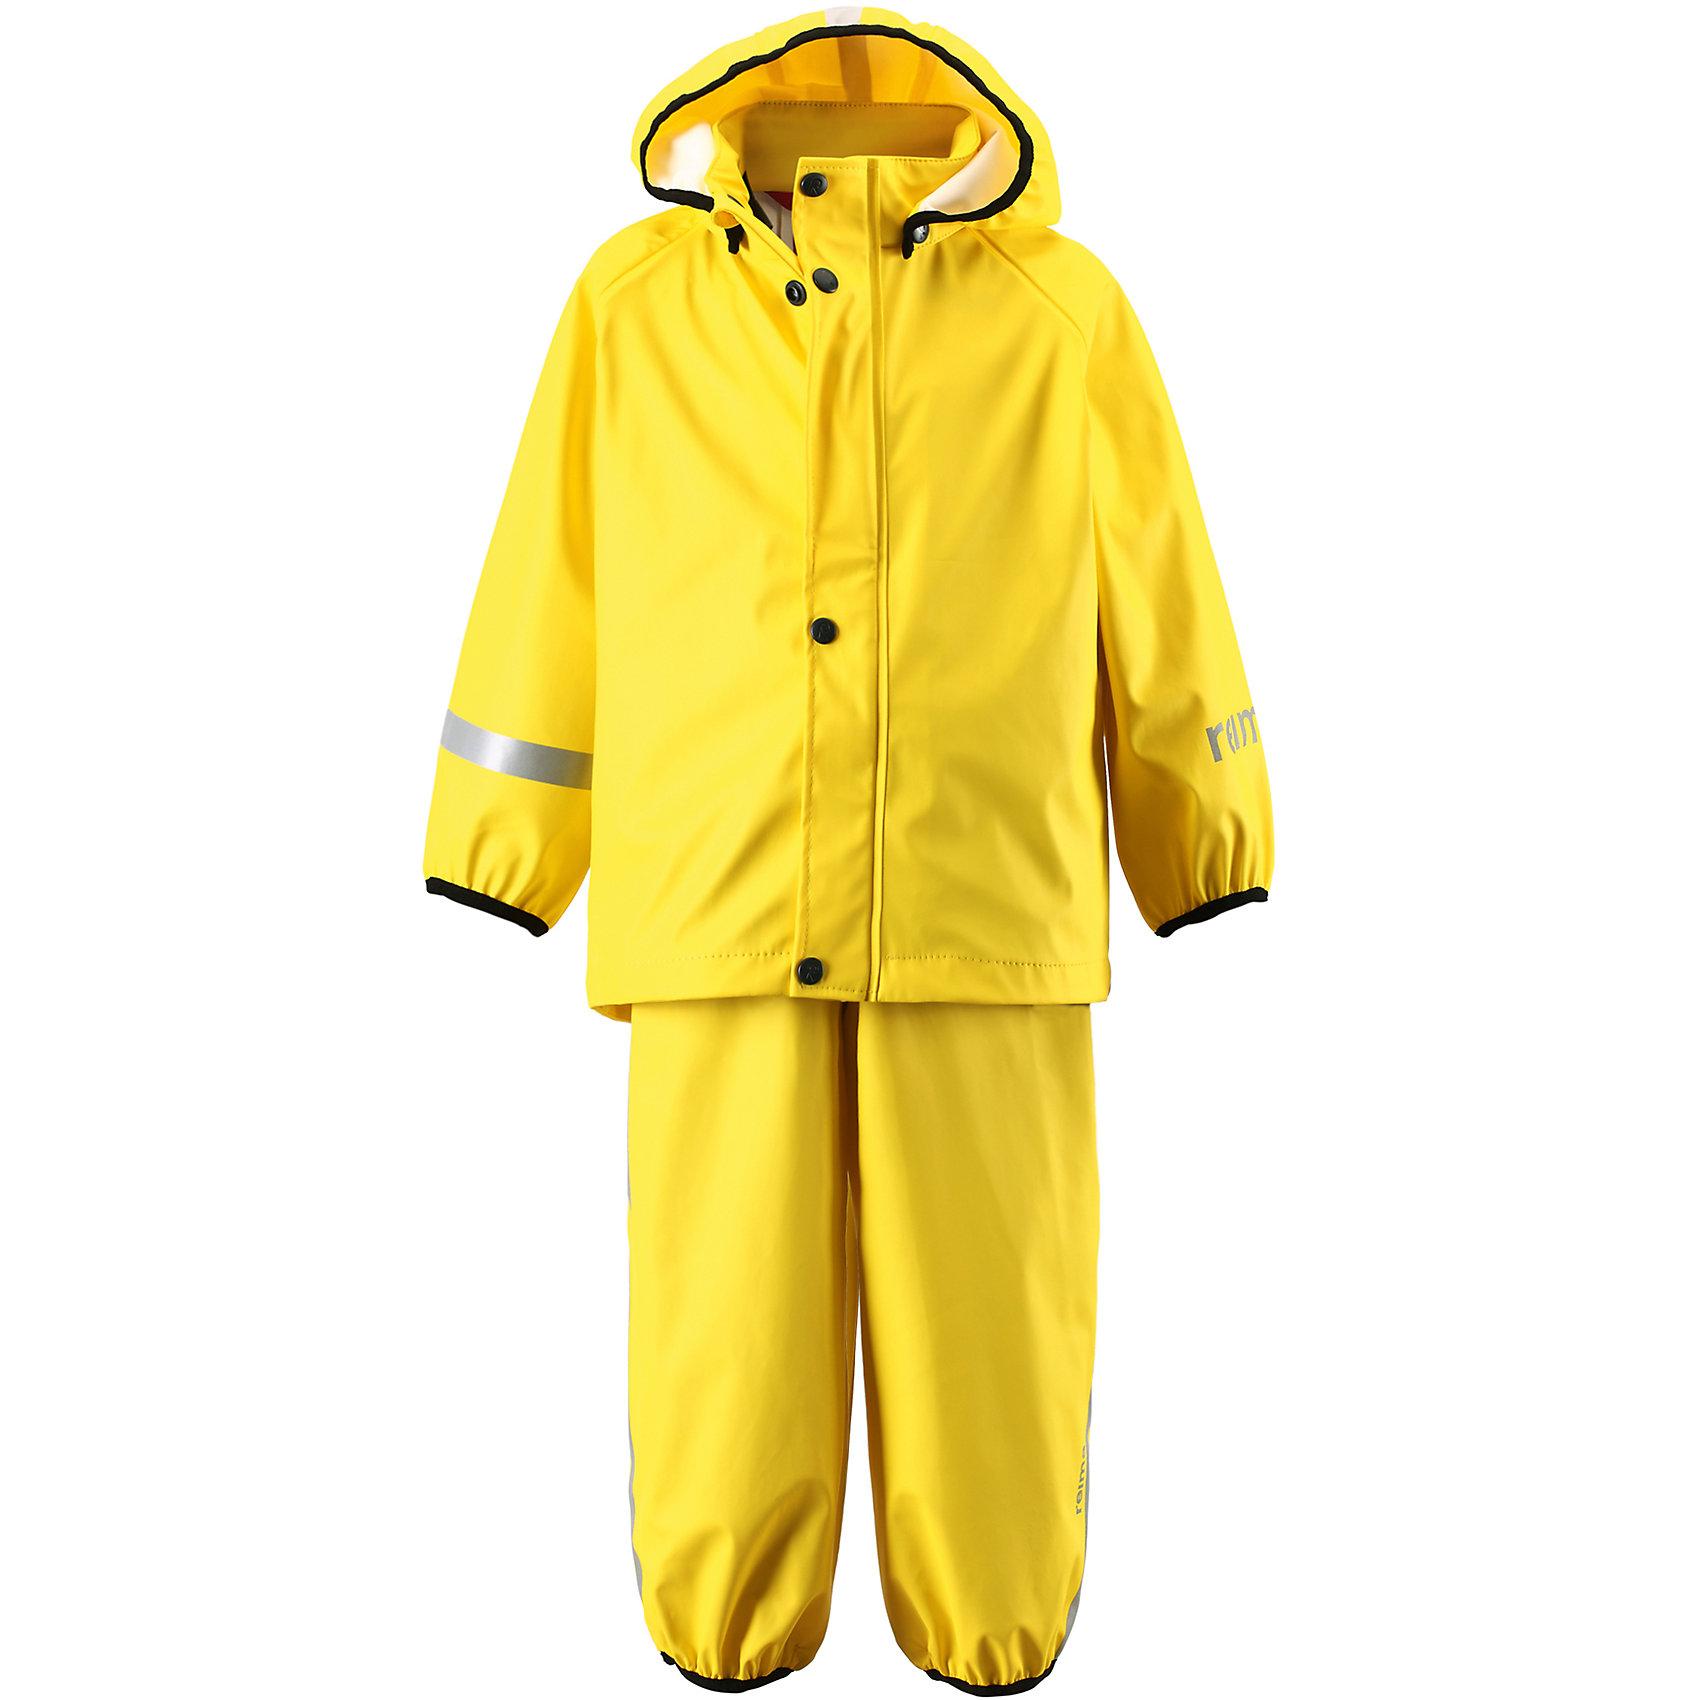 Непромокаемый комплект: куртка и брюки Tihku ReimaОдежда<br>Непромокаемый комплект: куртка и брюки Reima.<br>Комплект для дождливой погоды для малышей. Запаянные швы, не пропускающие влагу. Эластичный материал. Без ПХВ. Безопасный, съемный капюшон. Эластичная резинка на кромке капюшона. Эластичные манжеты. Регулируемый обхват талии. Эластичная резинка на штанинах. Съемные эластичные штрипки. Молния спереди. Регулируемые эластичные подтяжки. Безопасные светоотражающие детали. Отличный вариант для дождливой погоды.<br>Уход:<br>Стирать по отдельности, вывернув наизнанку. Застегнуть молнии и липучки. Стирать моющим средством, не содержащим отбеливающие вещества. Полоскать без специального средства. Во избежание изменения цвета изделие необходимо вынуть из стиральной машинки незамедлительно после окончания программы стирки. Сушить при низкой температуре.<br>Состав:<br>100% Полиамид, полиуретановое покрытие<br><br>Ширина мм: 356<br>Глубина мм: 10<br>Высота мм: 245<br>Вес г: 519<br>Цвет: желтый<br>Возраст от месяцев: 48<br>Возраст до месяцев: 60<br>Пол: Унисекс<br>Возраст: Детский<br>Размер: 110,74,98,80,104,92,86,116<br>SKU: 4776172